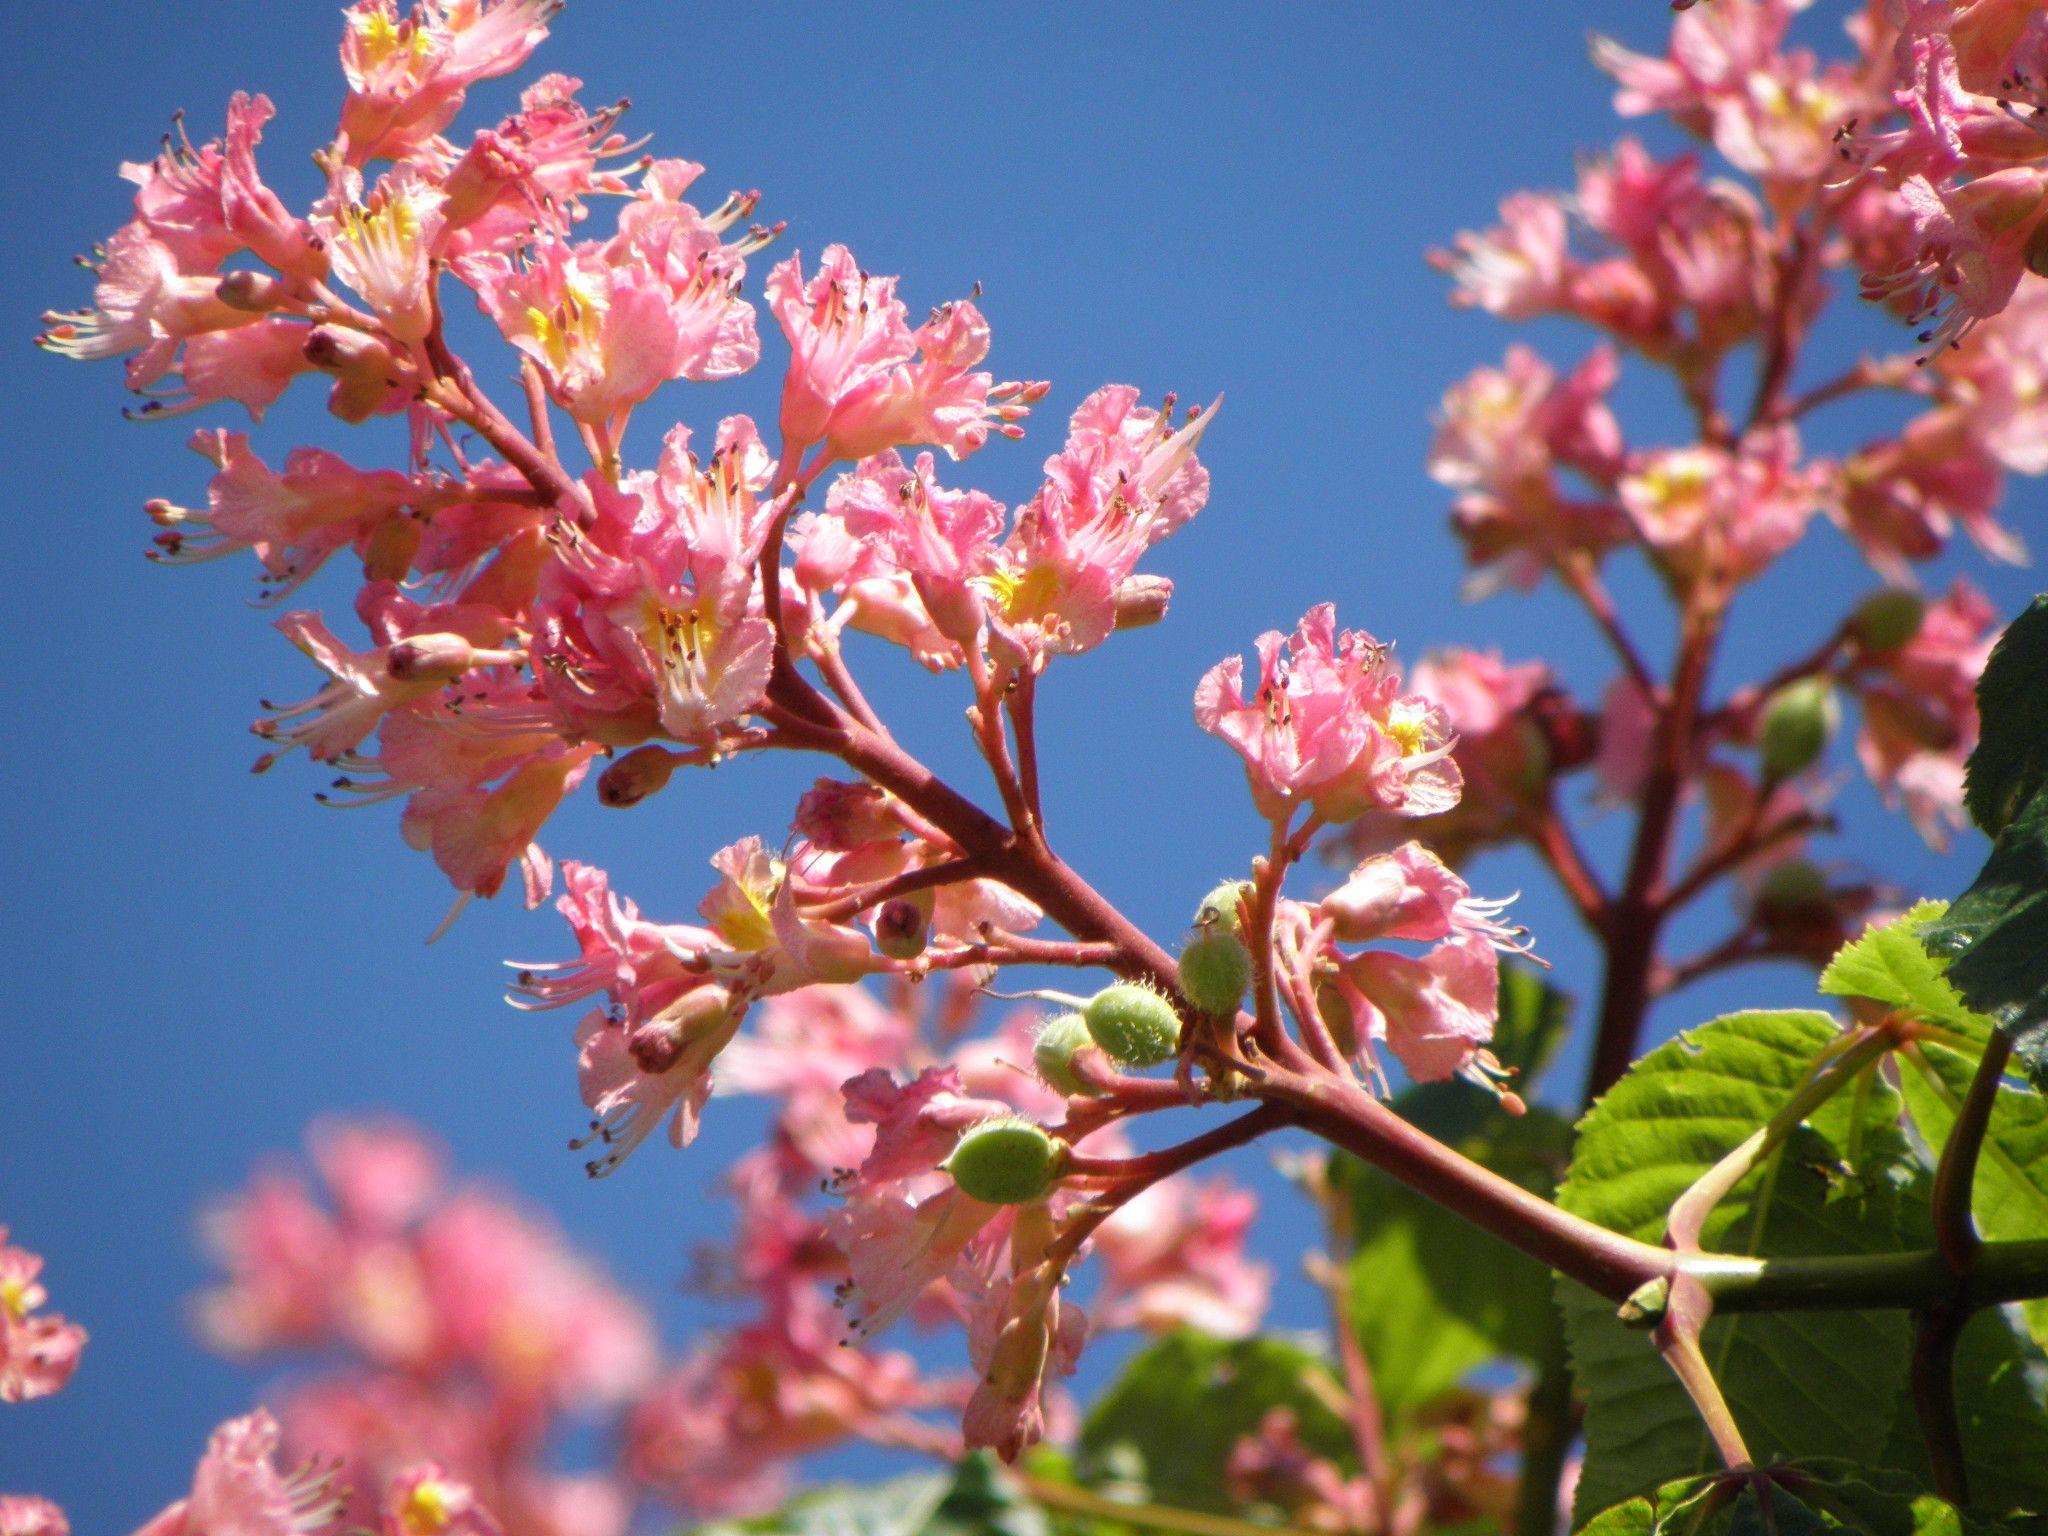 Red horse chestnut blossoms pinterest